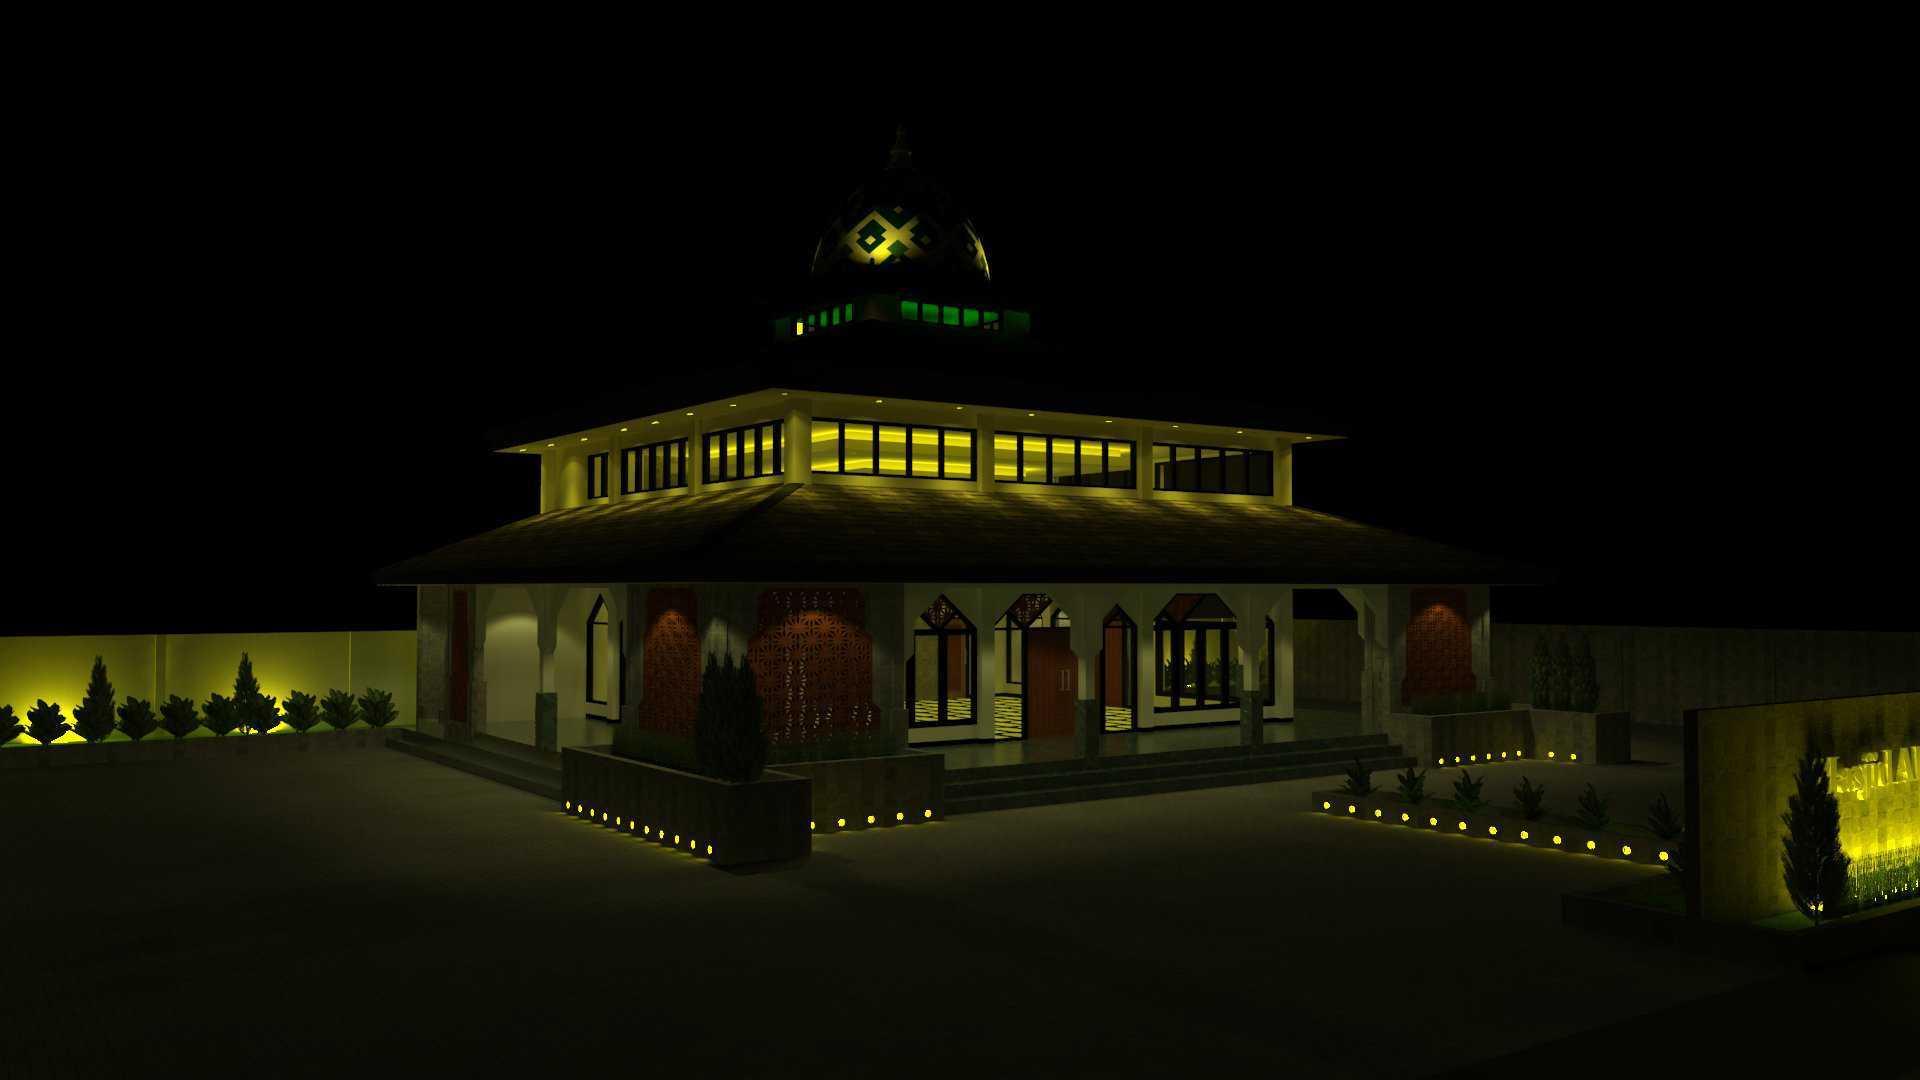 Ilham Gusti Syahadat Masjid Al-Ghaffar Malang, Kota Malang, Jawa Timur, Indonesia Malang, Kota Malang, Jawa Timur, Indonesia Exterior Masjid Al-Ghaffar Tropical 74379